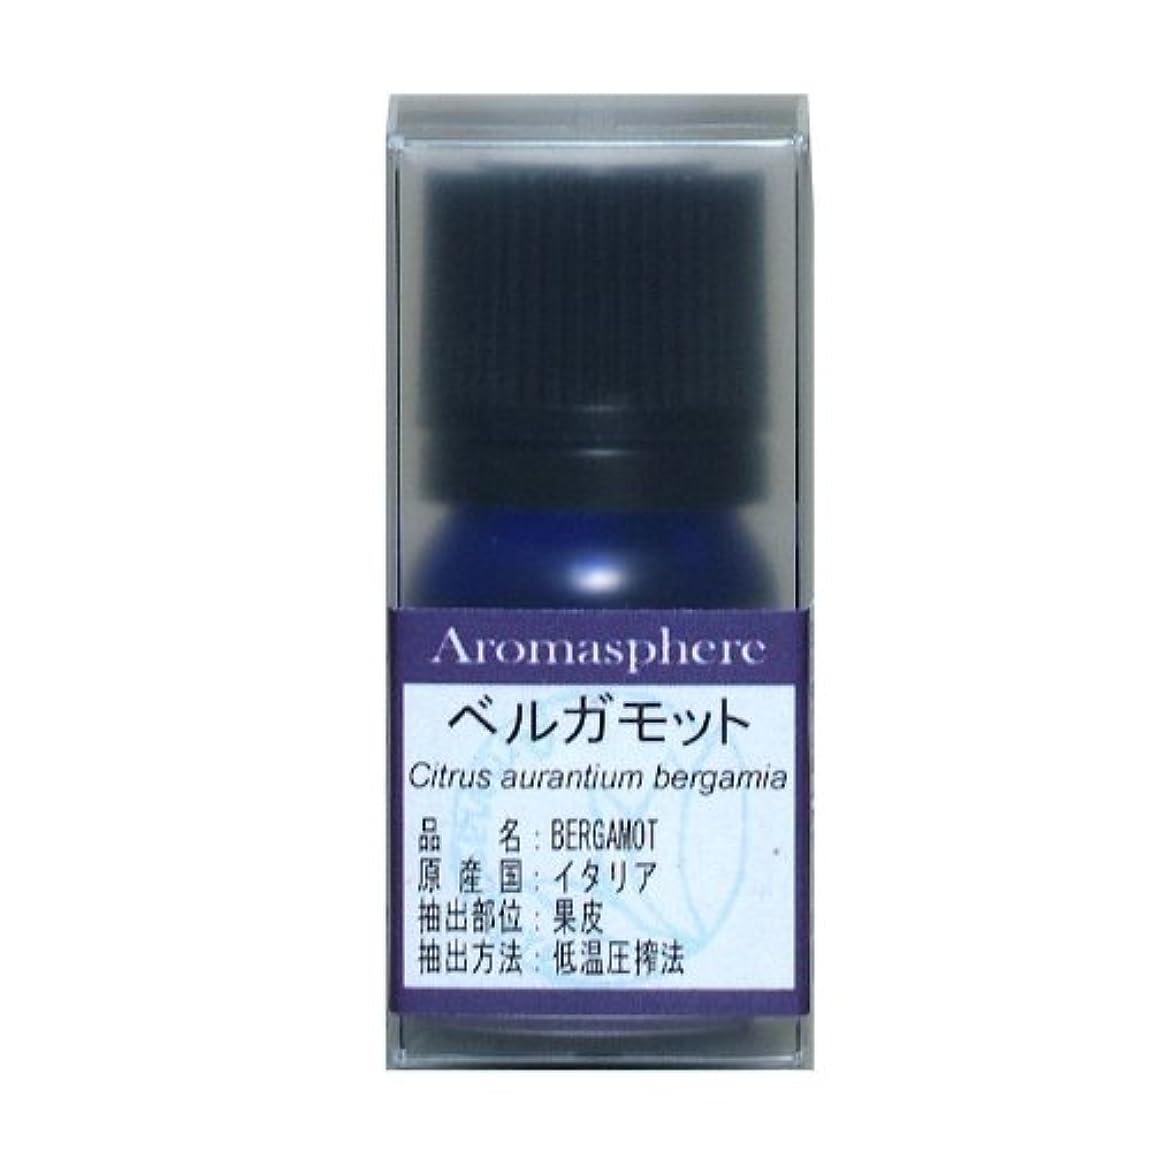 区別するソース複雑な【アロマスフィア】ベルガモット 5ml エッセンシャルオイル(精油)